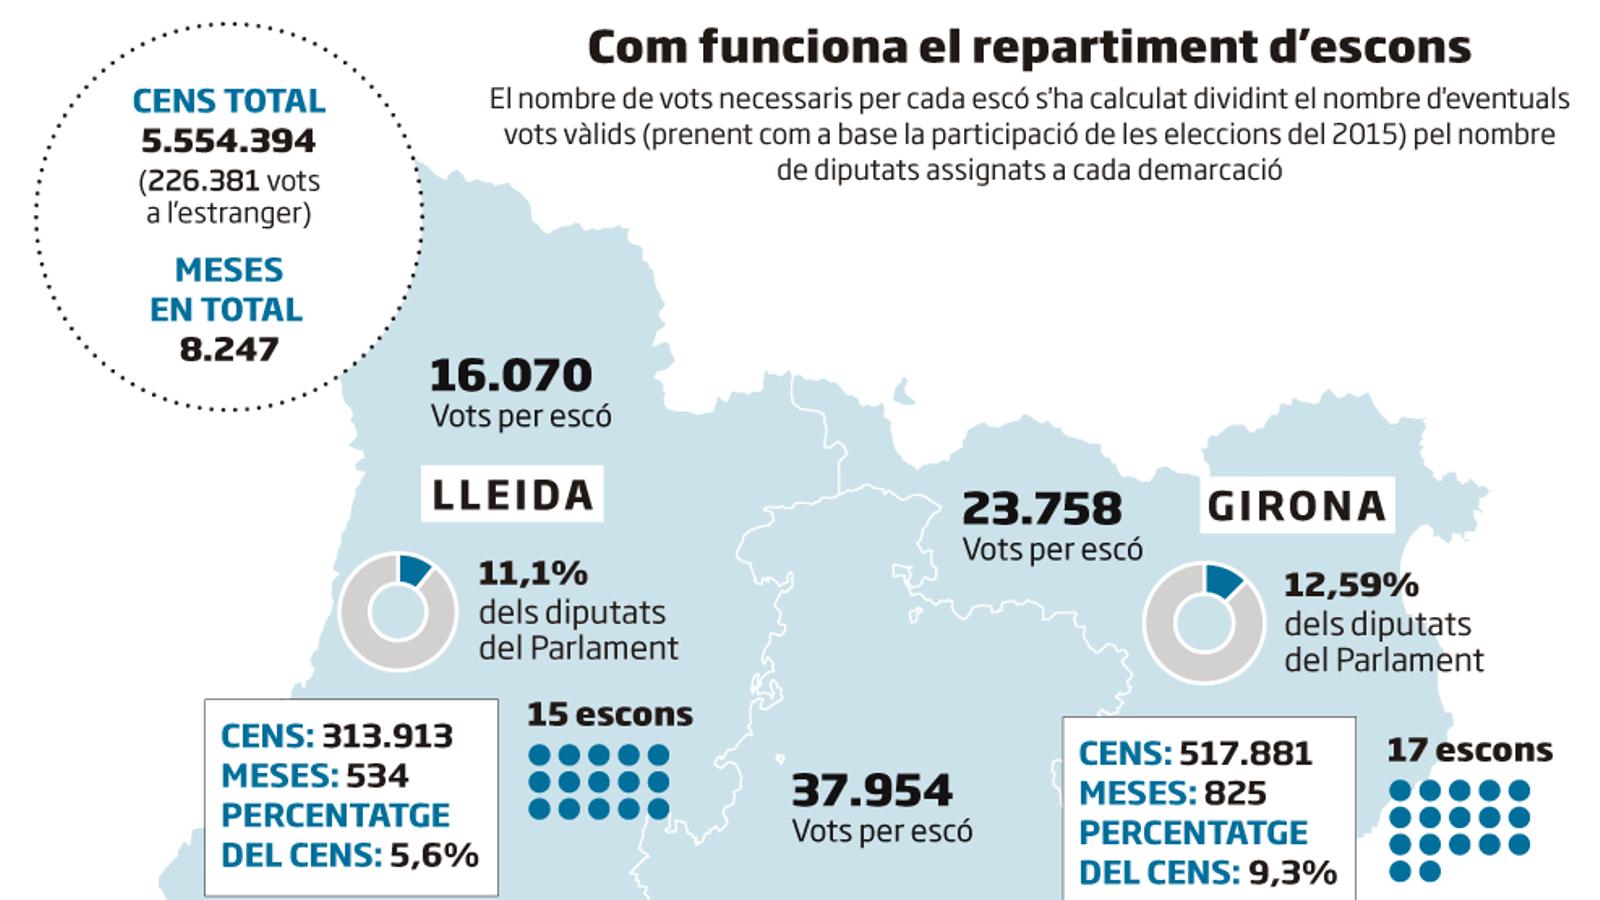 Сегодня в Каталонии внеочередные выборы, назначенные властями Испании по факту ноябрьских репрессий.